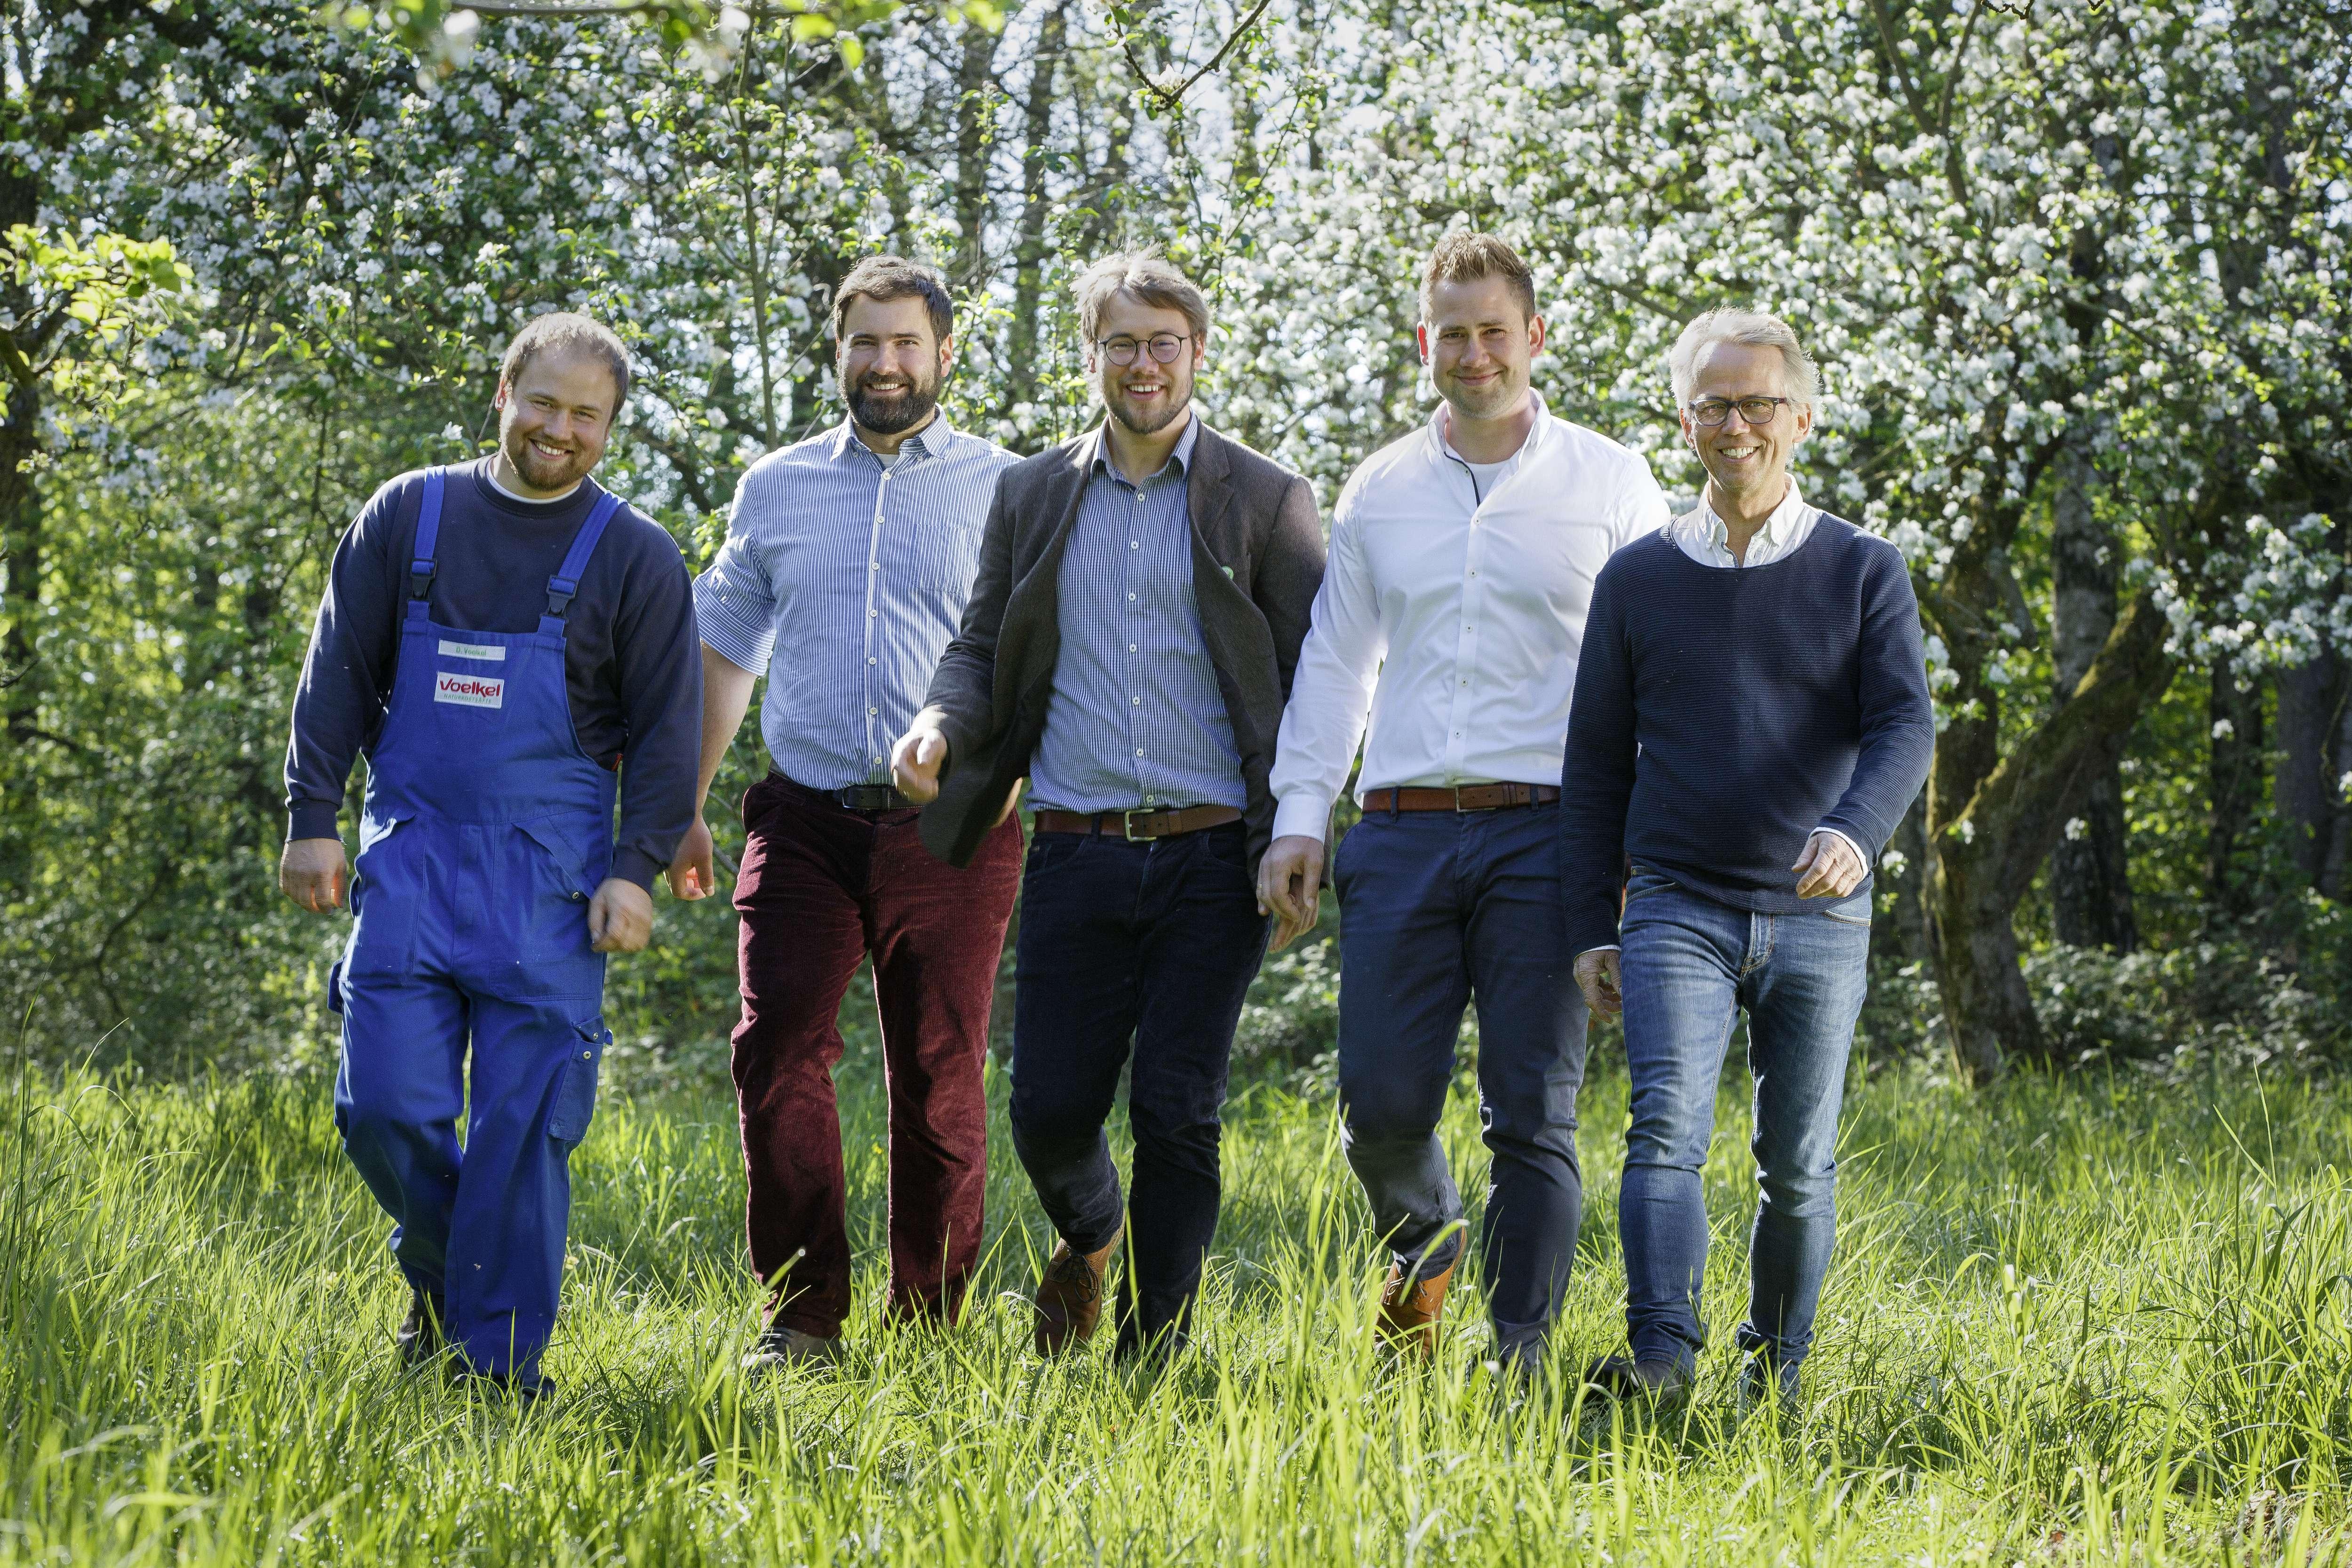 David, Boris, Jurek, Jacob, Stefan Voelkel